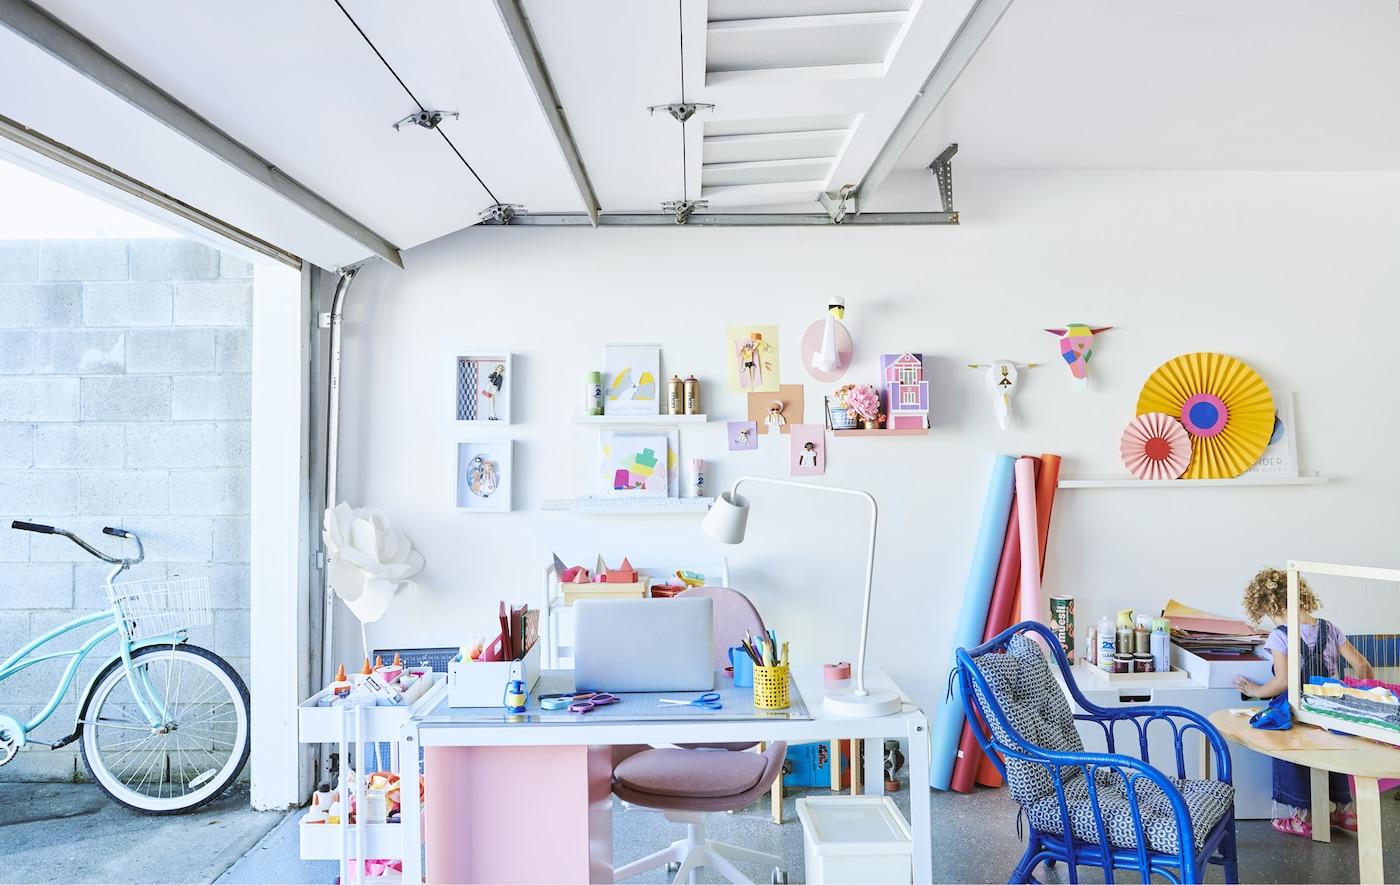 Espace de travail coloré avec bureau, desserte, chaises et présentoirs muraux, dans un garage avec la porte à enroulement ouverte.